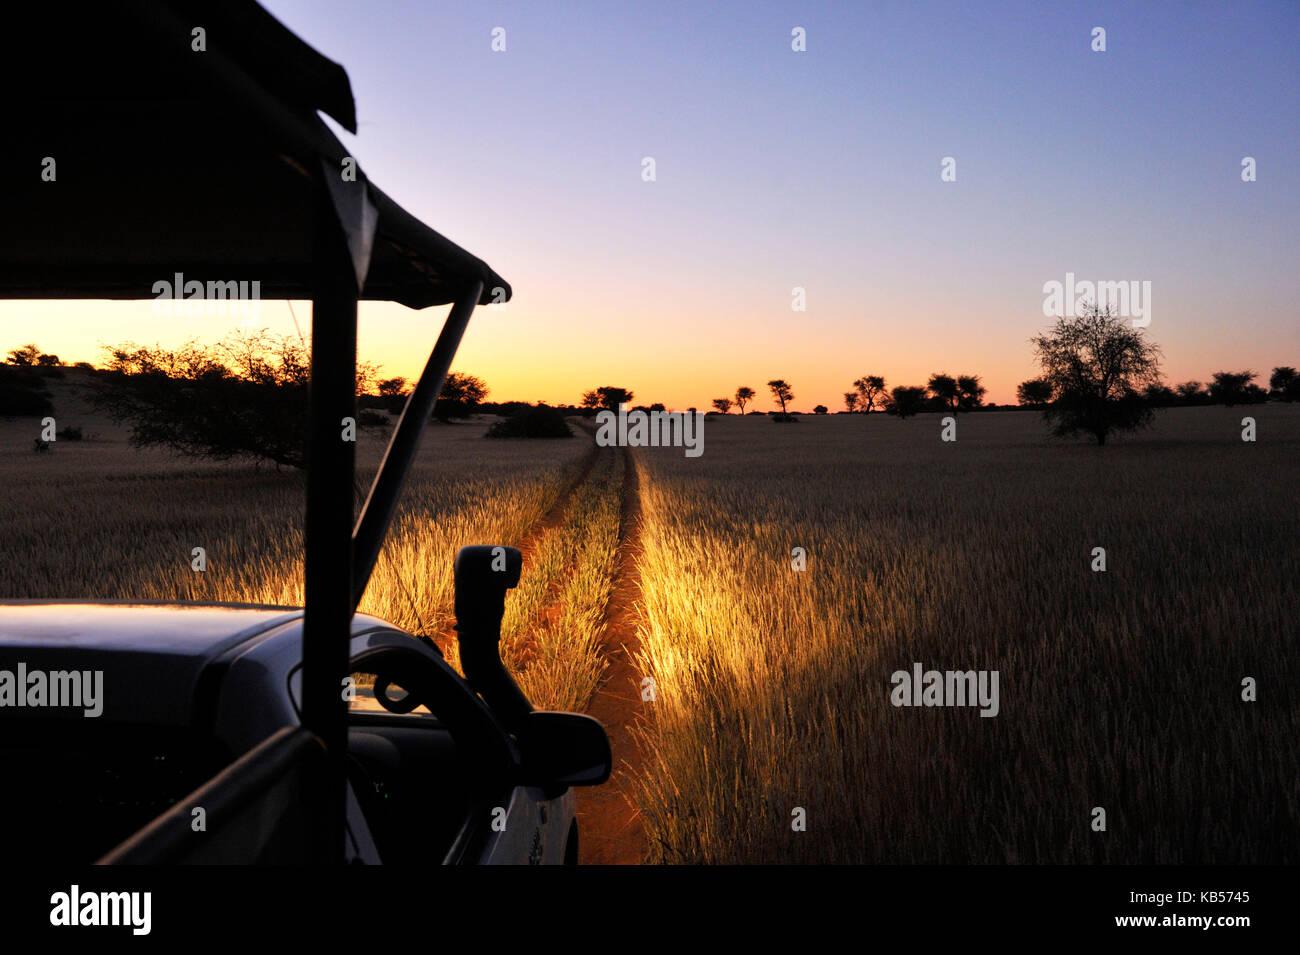 La Namibia, deserto Kalahari, intu africa Kalahari Game Reserve, safari notturno Immagini Stock